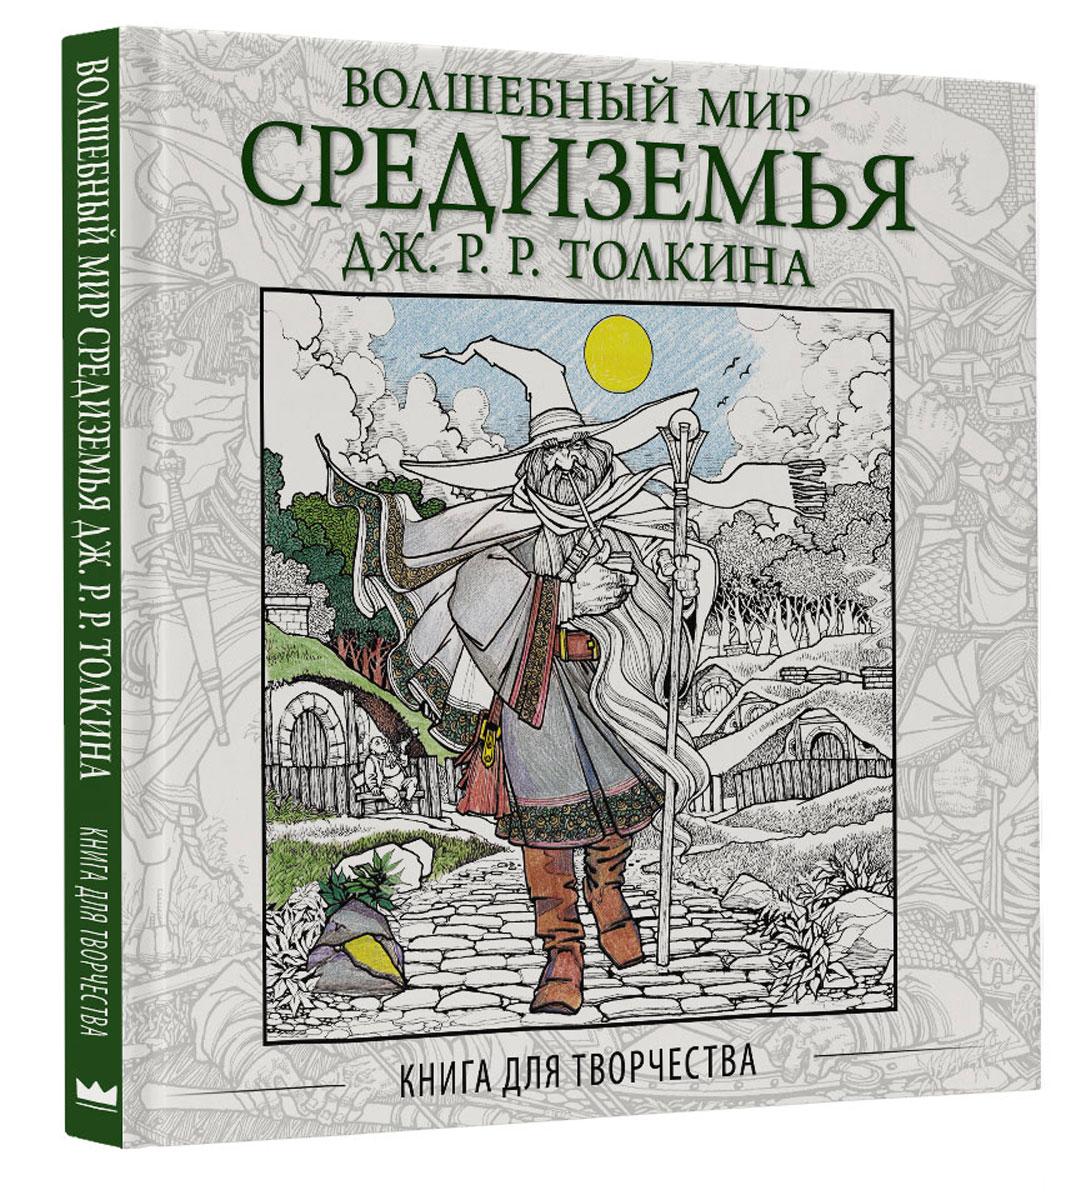 Волшебный мир Средиземья Дж .Р.Р. Толкина: Книга для творчества тролли гоблины и гномы